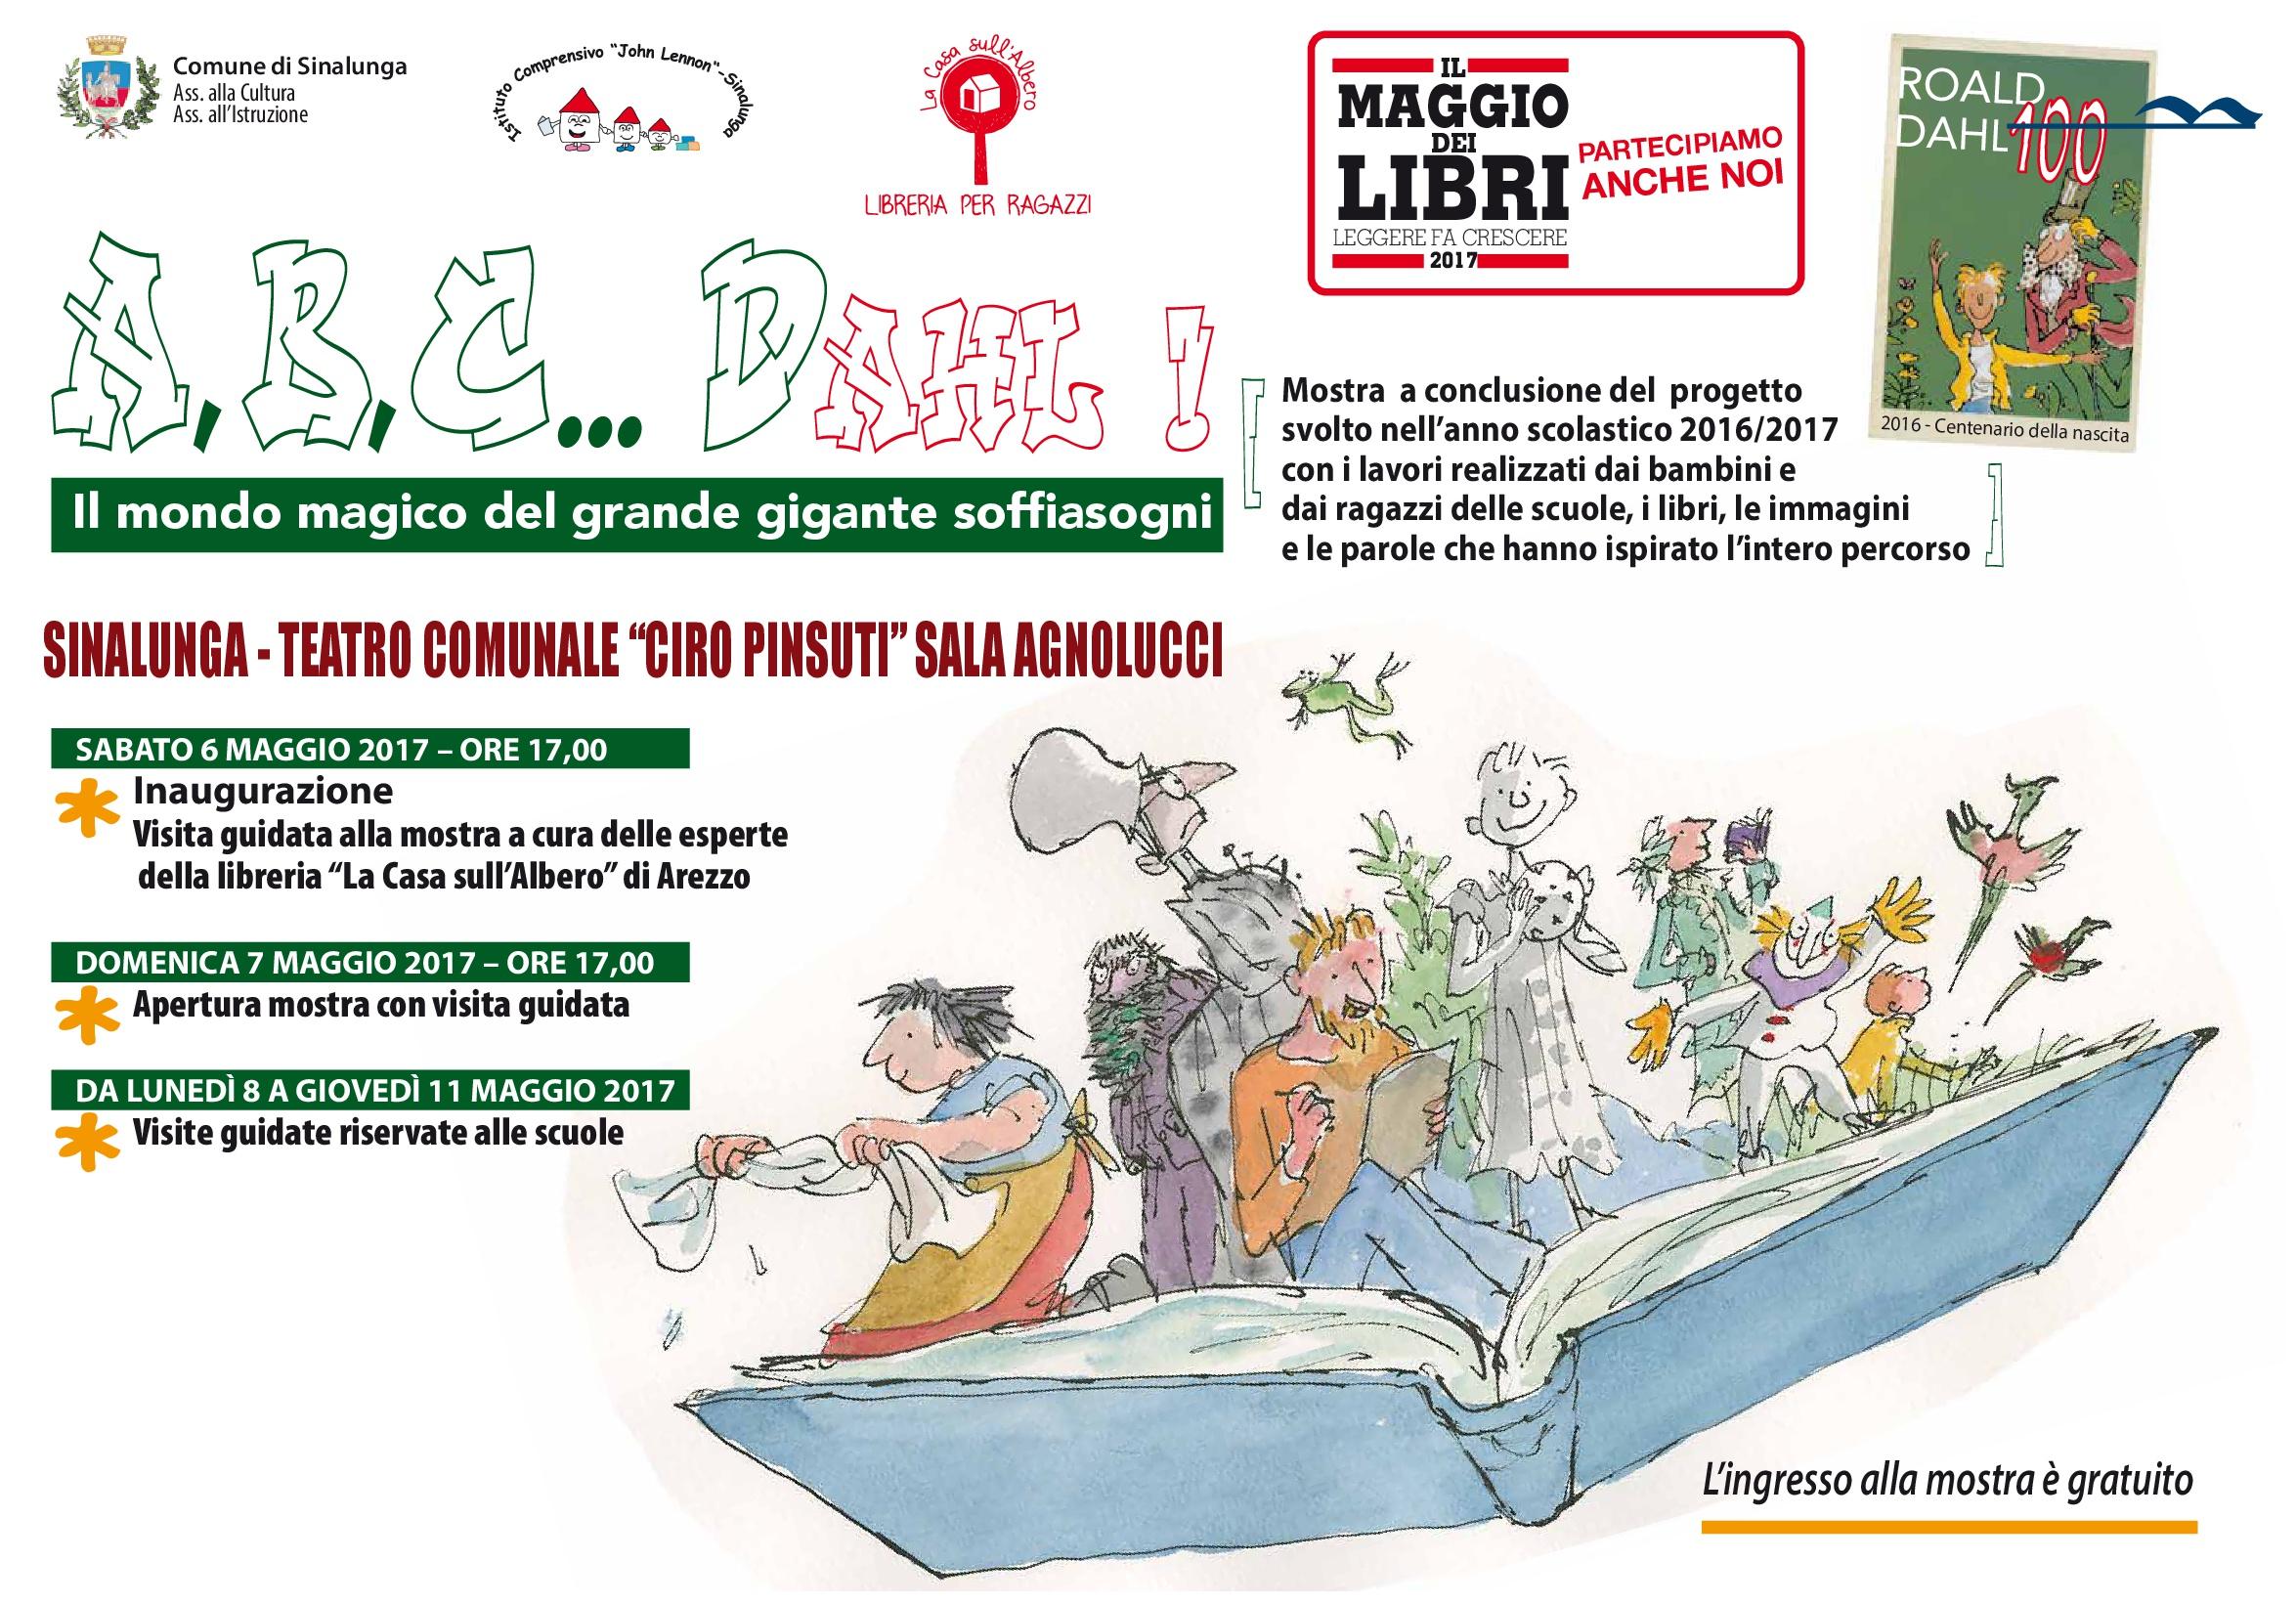 ABC-Dahl_mostra-001 (1)